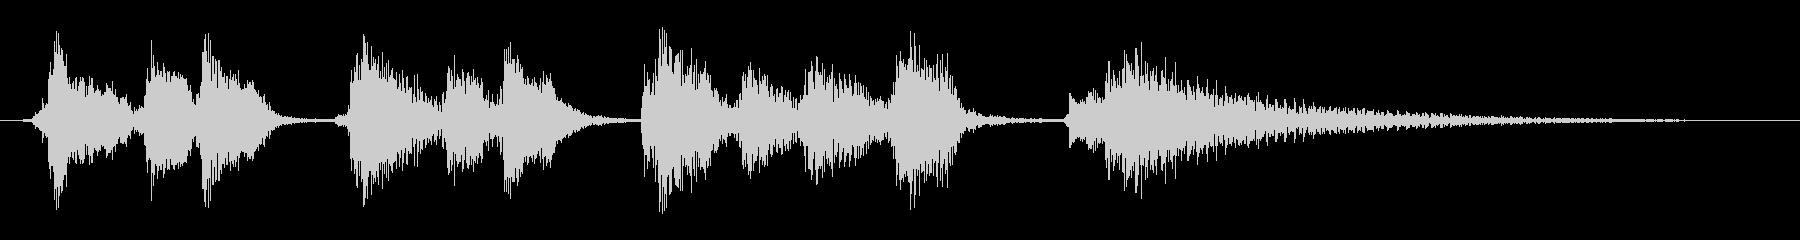 ほのぼのごきげんウクレレ サウンドロゴの未再生の波形